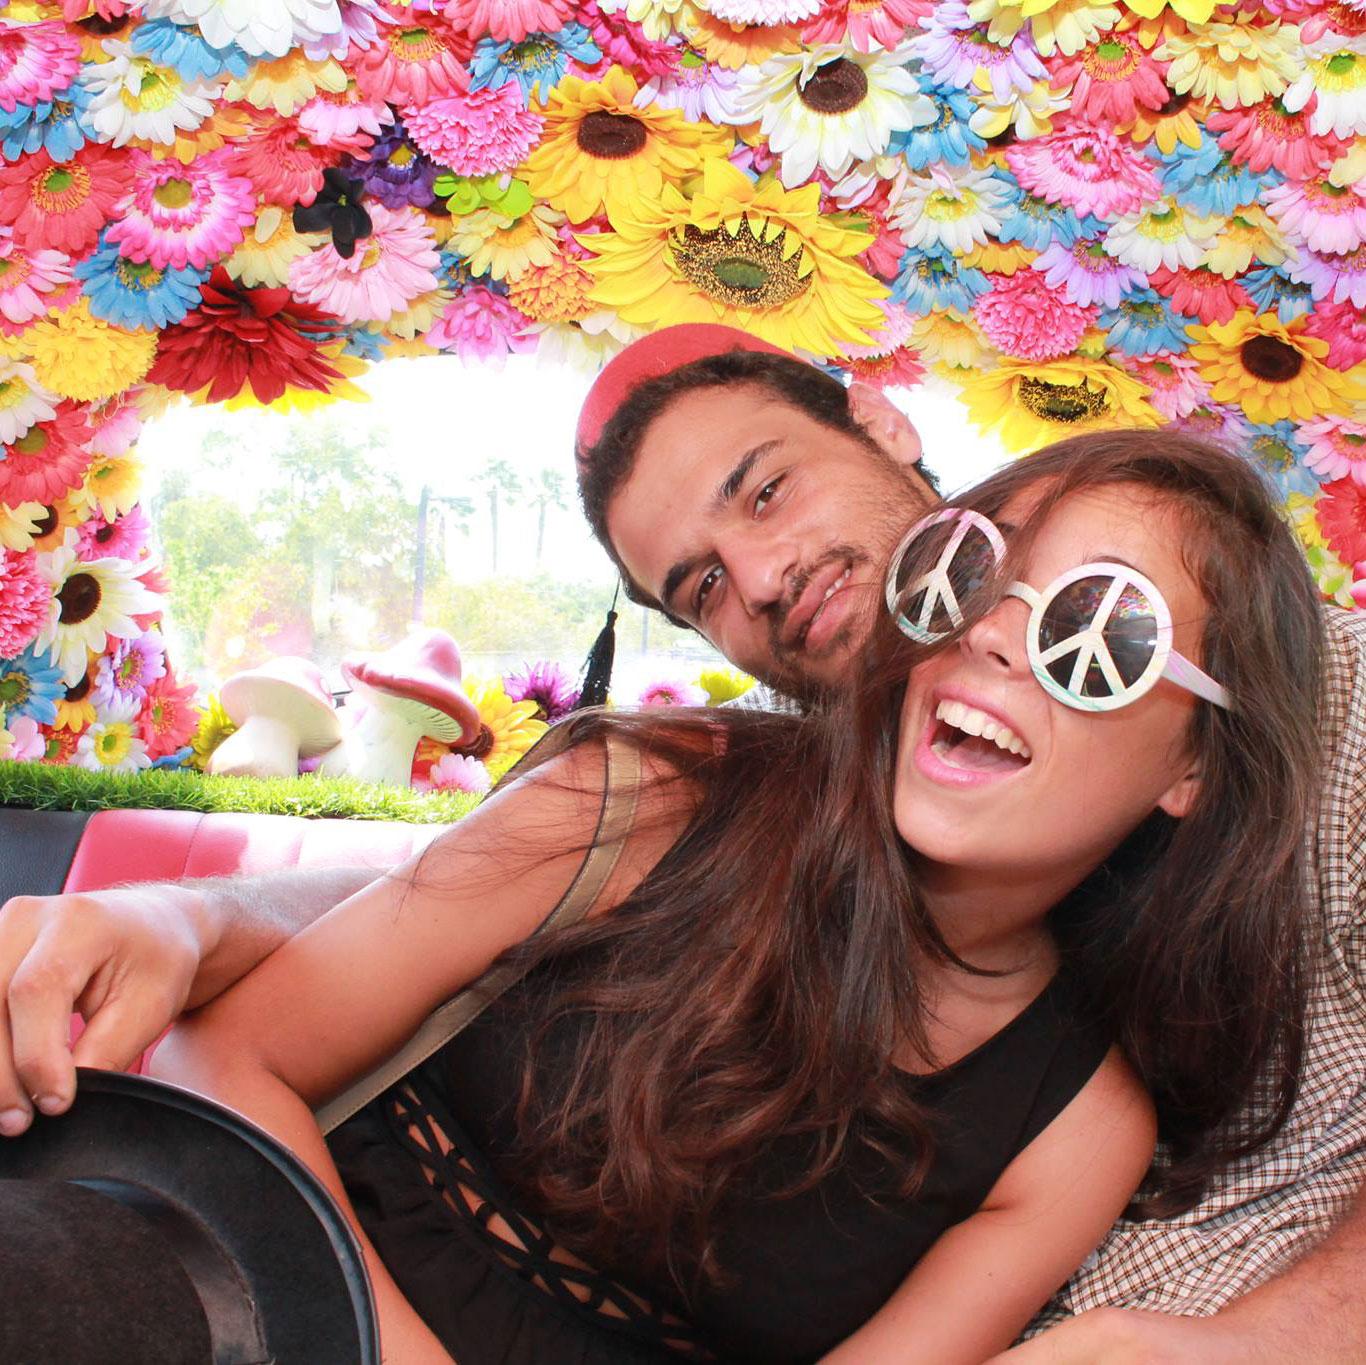 WedReviews - אטרקציות לחתונה, גימיקים לחתונה - Photomobil | פוטומוביל| תאי צילום ברכבי אספנות